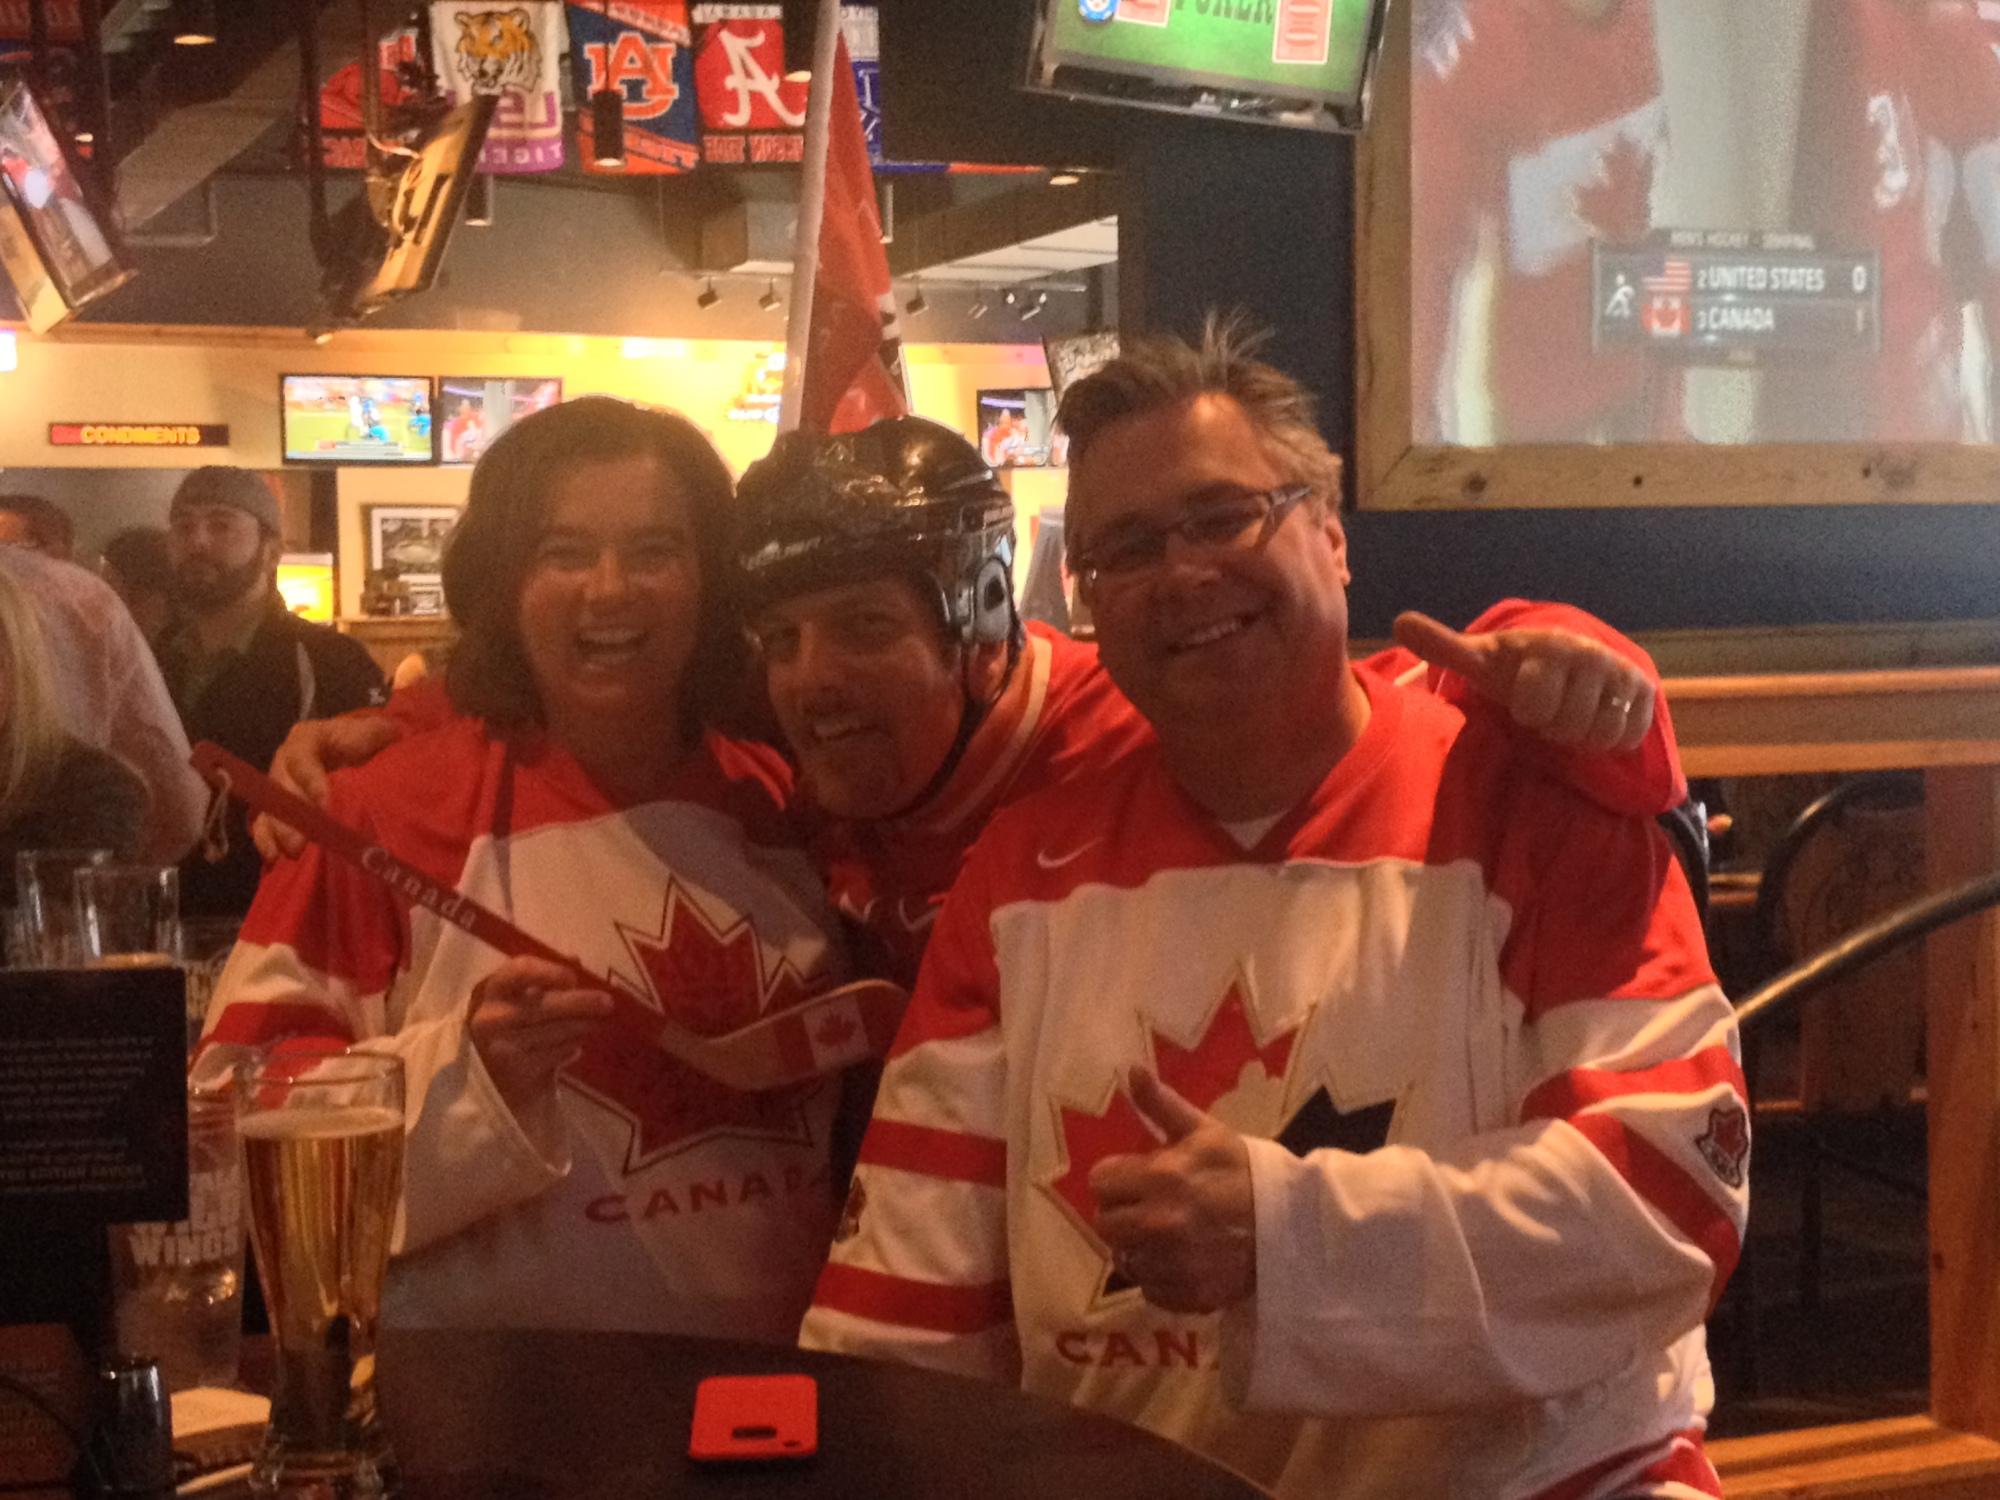 Team Canada fans rejoice in Fayetteville